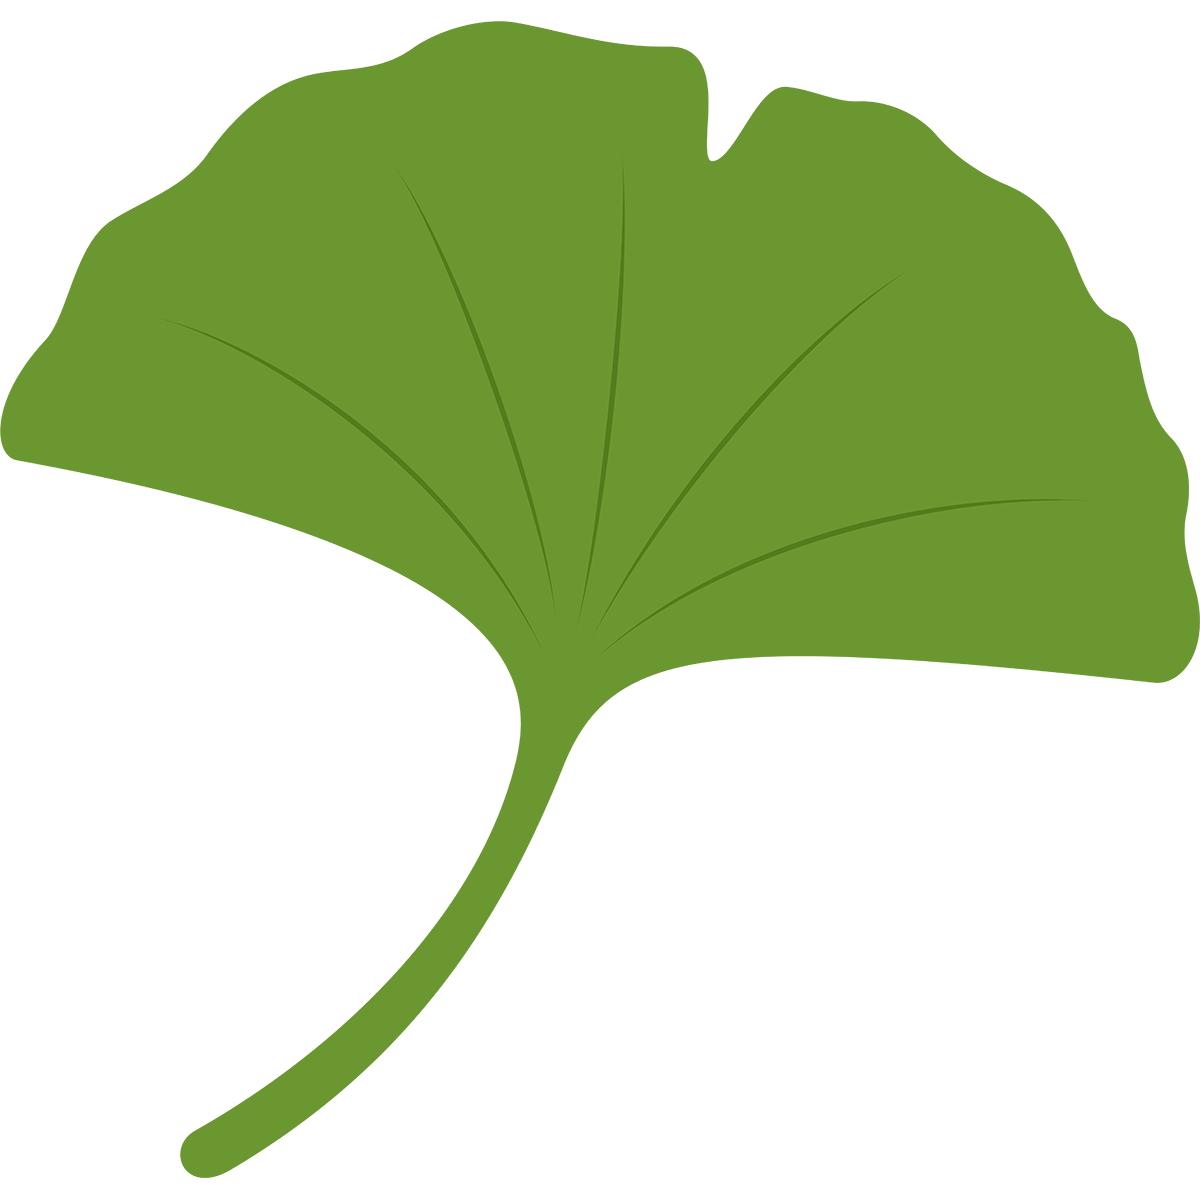 イチョウの葉の無料イラスト